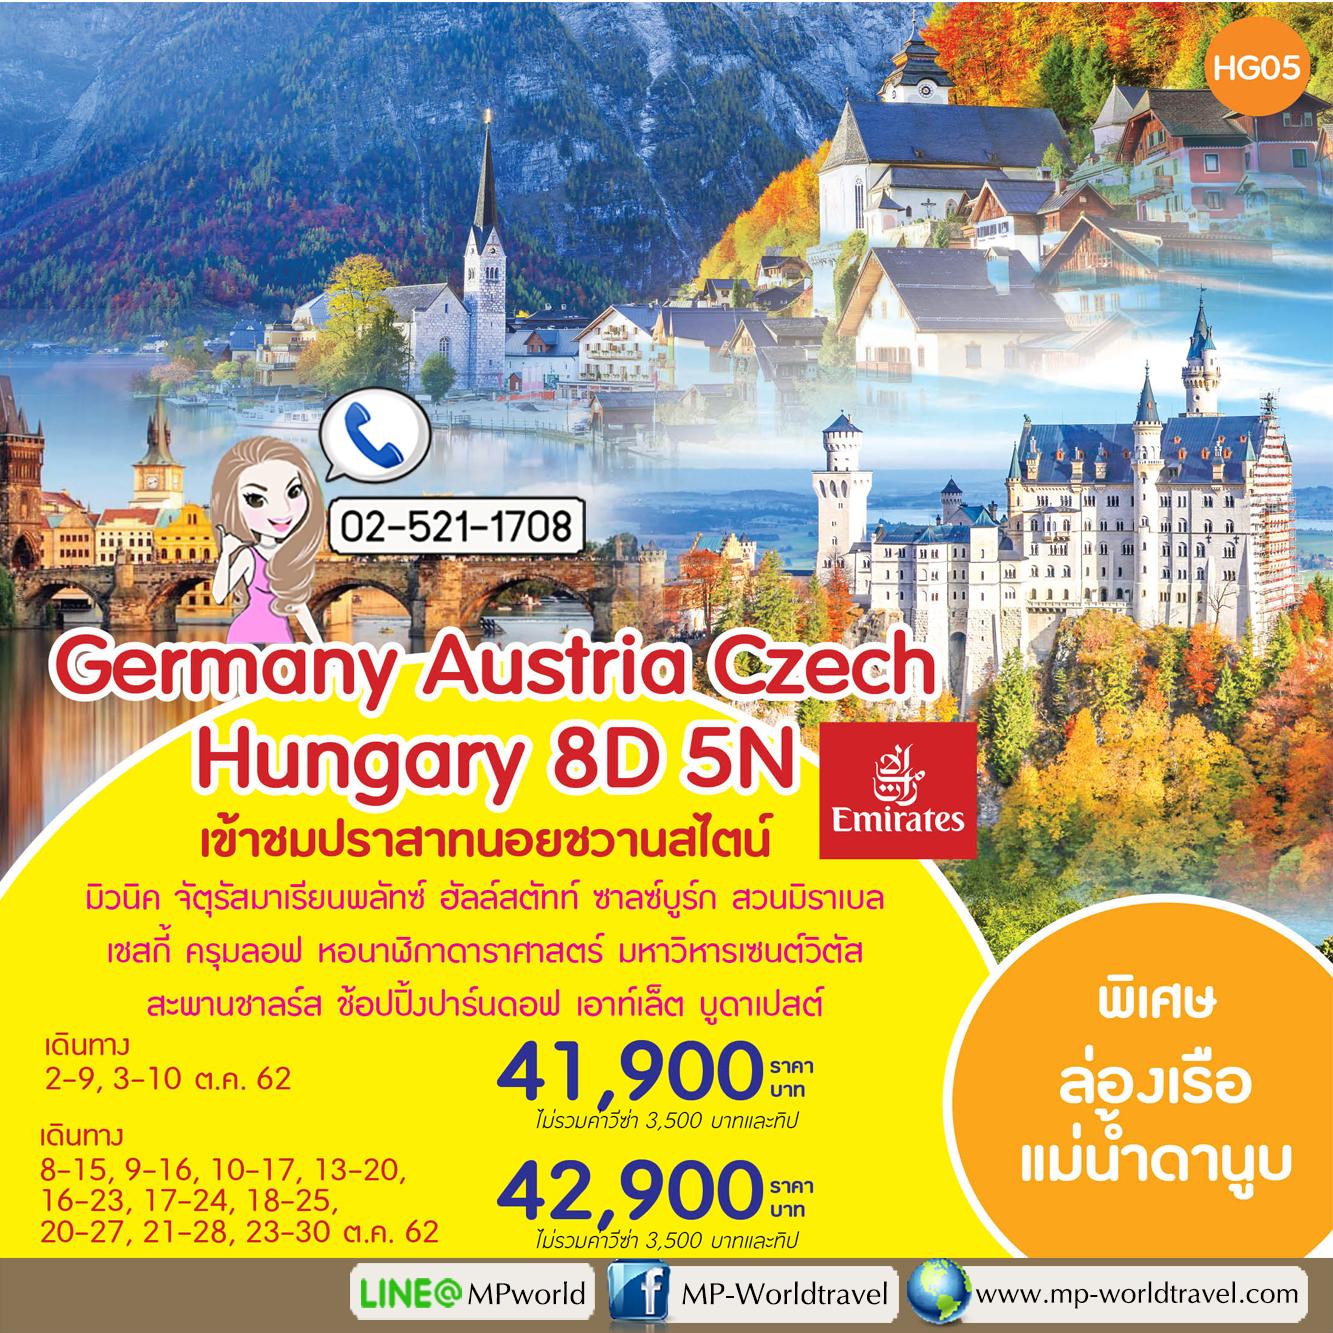 ทัวร์เยอรมัน ออสเตรีย เช็ค ฮังการี 8 วัน 5 คืน